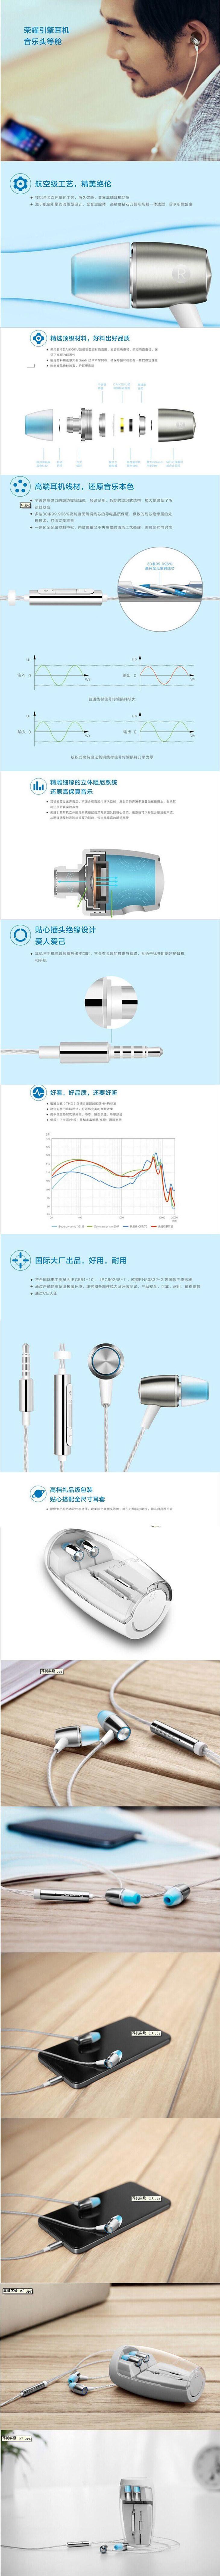 华为(huawei) 荣耀引擎耳机 (适用于荣耀6/p7/3c等)